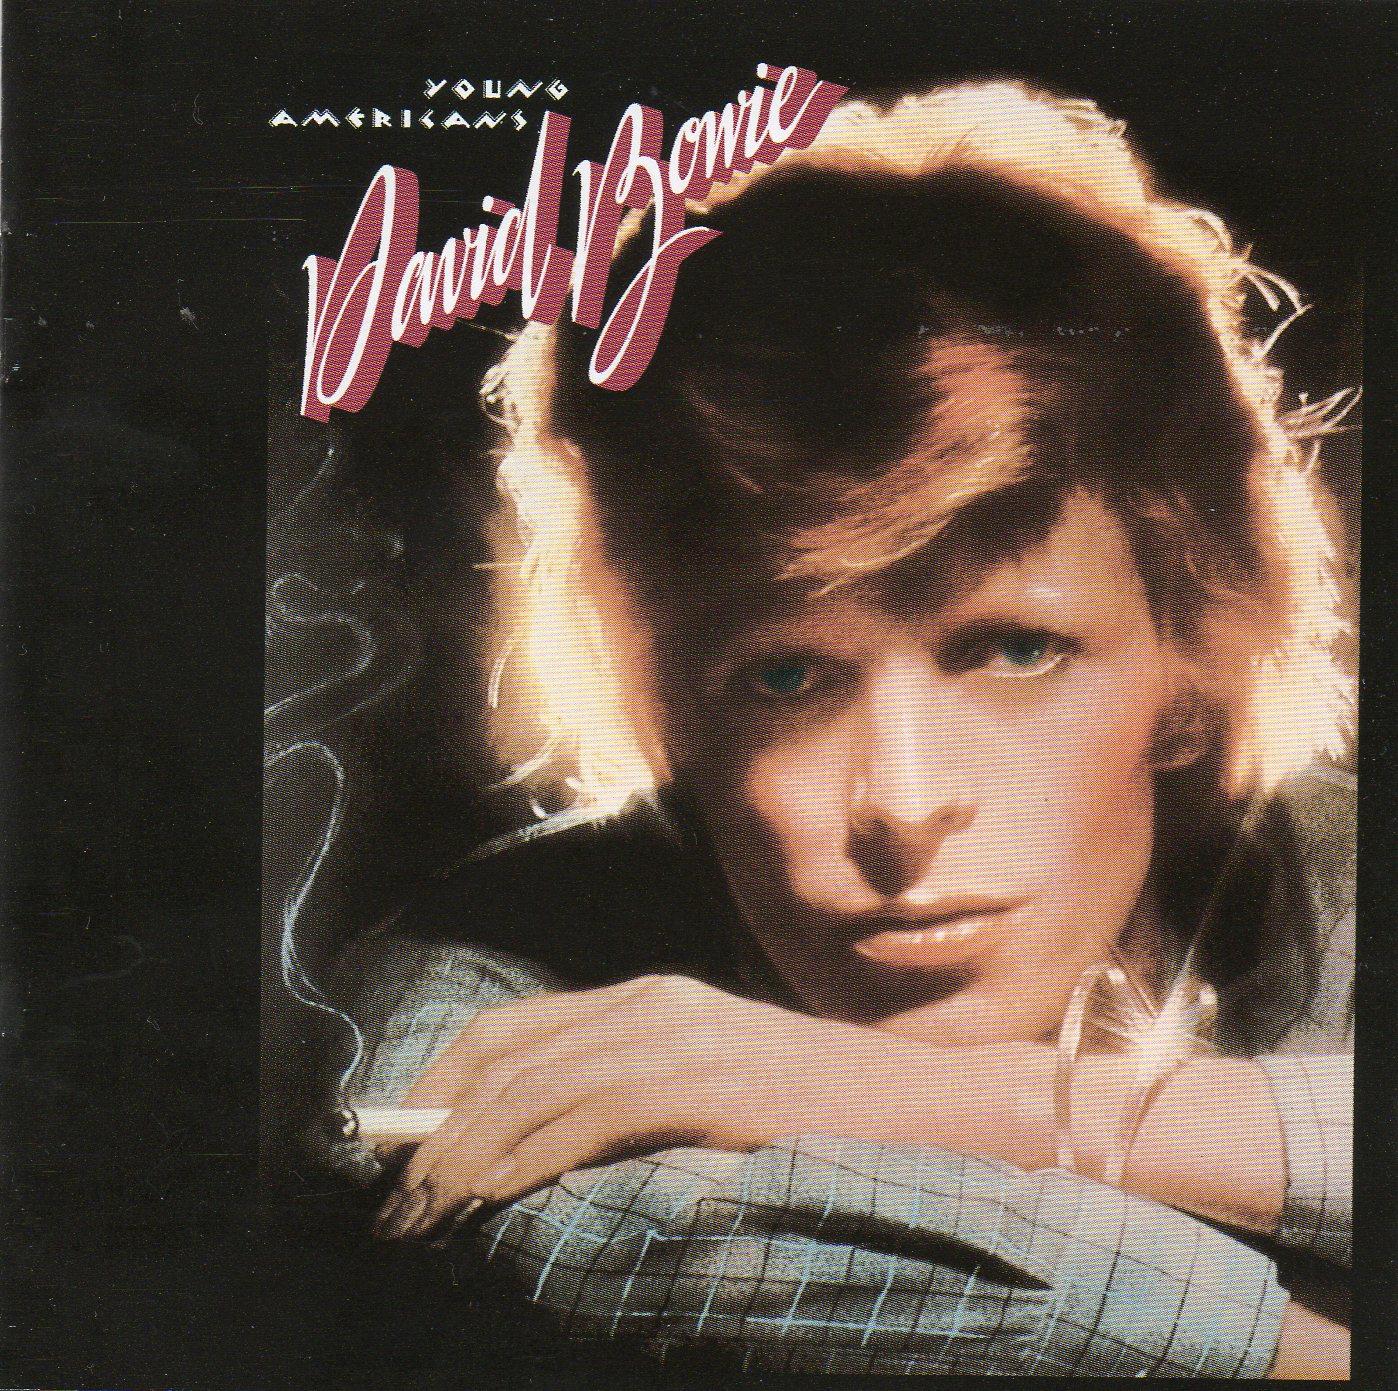 http://1.bp.blogspot.com/_ZVkb0M61jmc/TEu0de8qq8I/AAAAAAAAA9c/WS0IlEJDE0Y/s1600/David+Bowie+Young+Americans.jpg